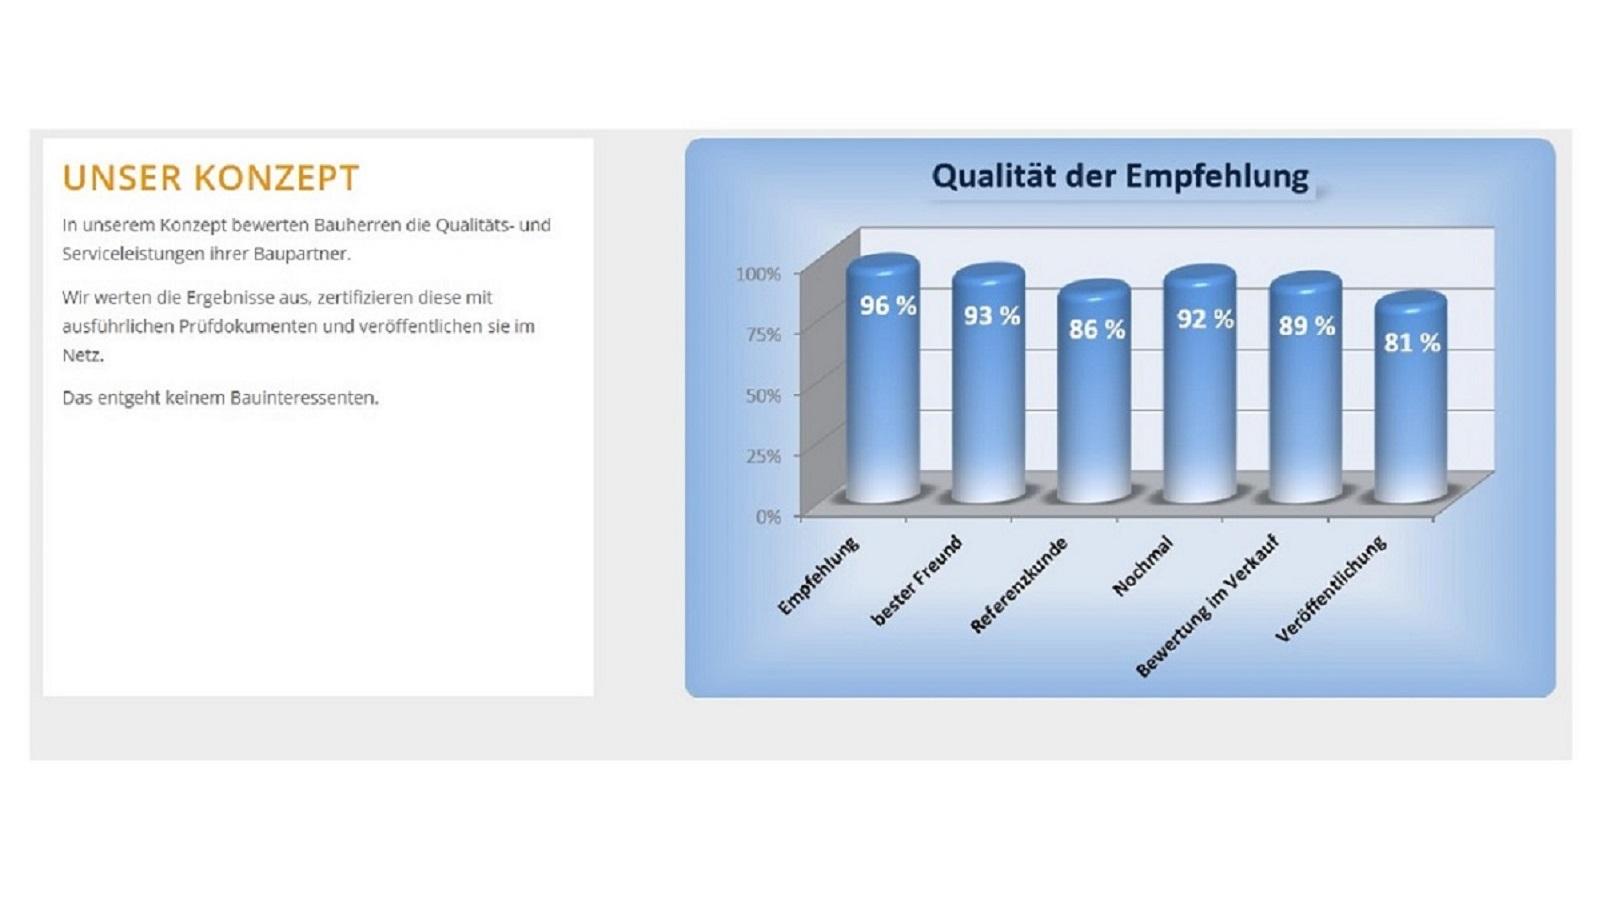 BAUHERRENreport GmbH: Partner für Empfehlungsmarketing in Bauunternehmen